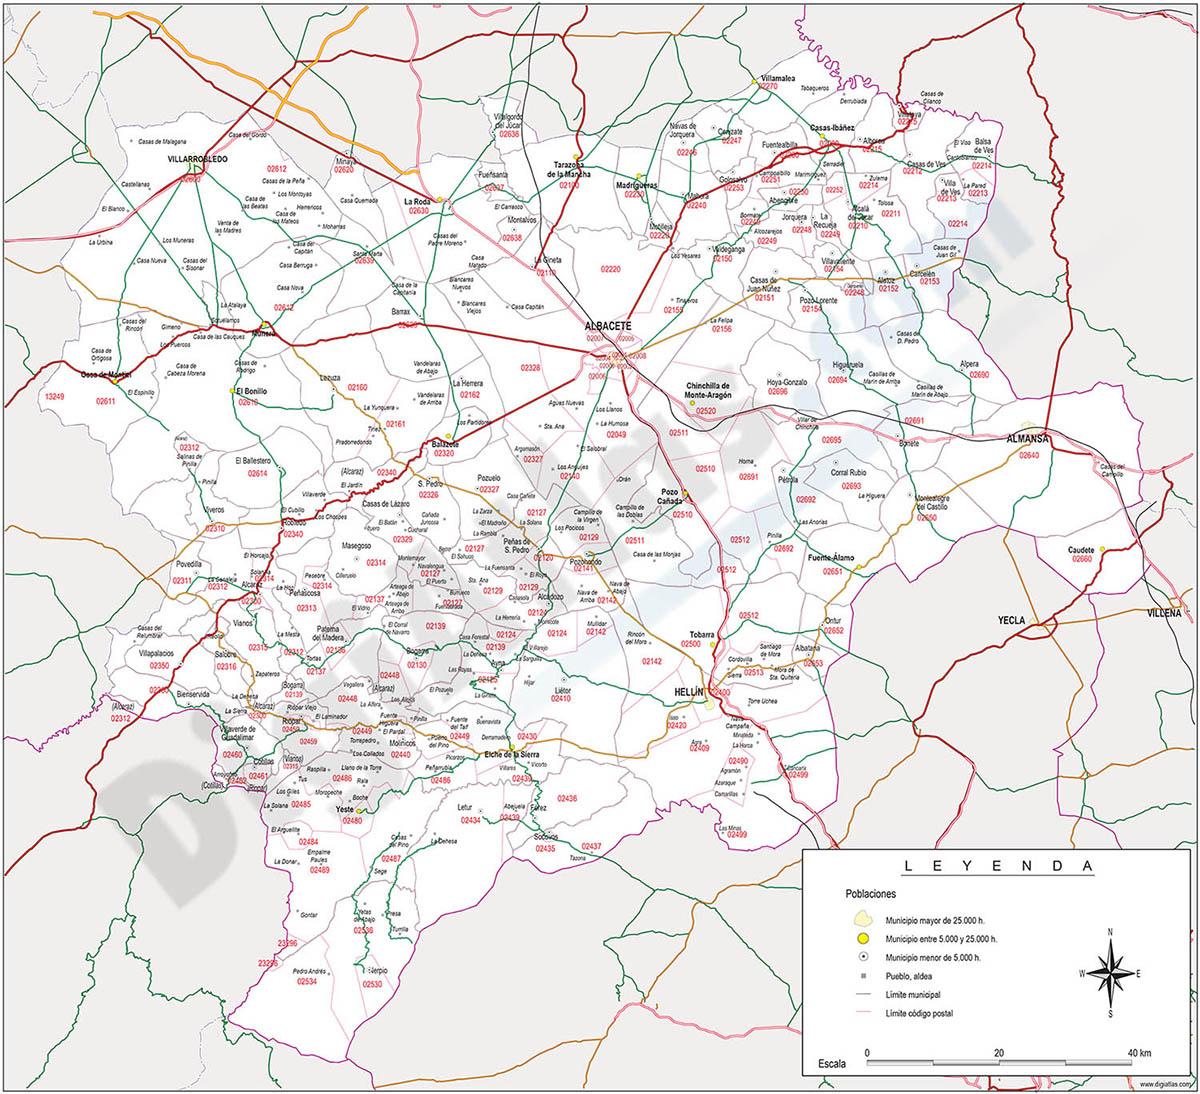 Albacete - mapa provincial con municipios, Códigos Postales y carreteras